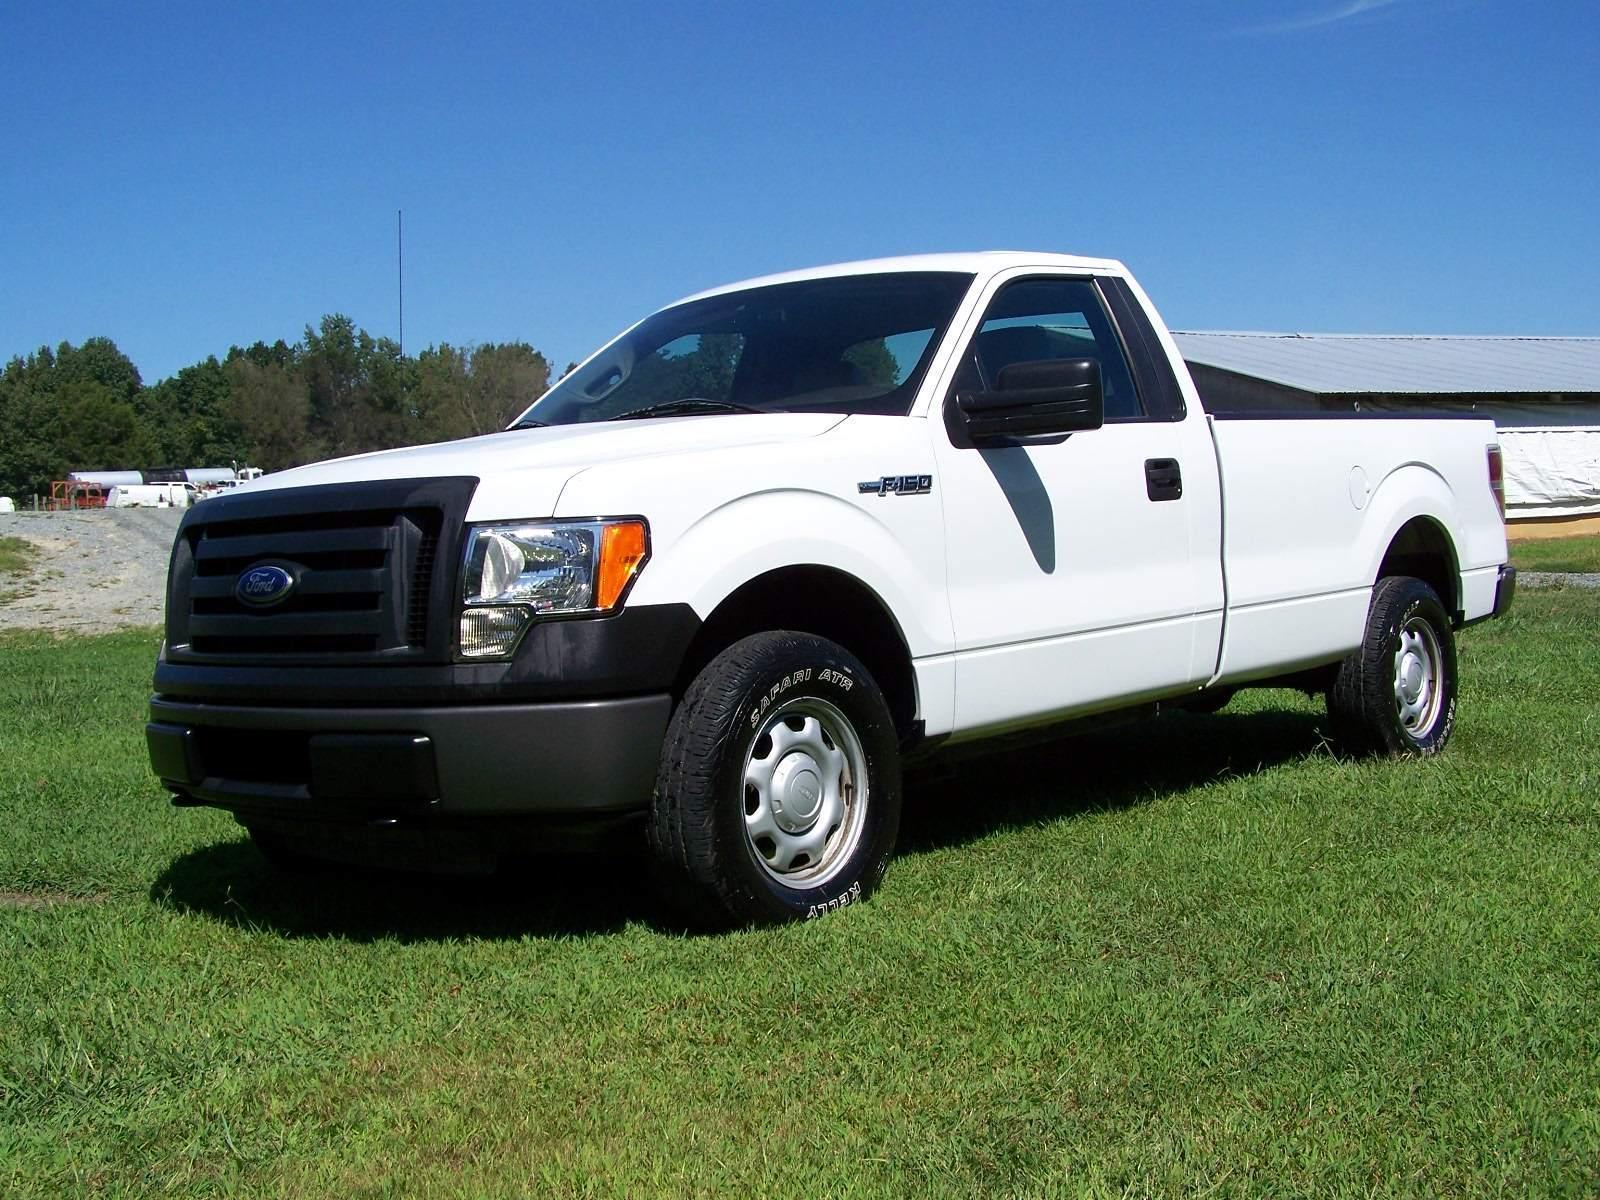 2010 ford f150 xl light duty trucks pick up trucks 4wd 1 2 ton. Black Bedroom Furniture Sets. Home Design Ideas